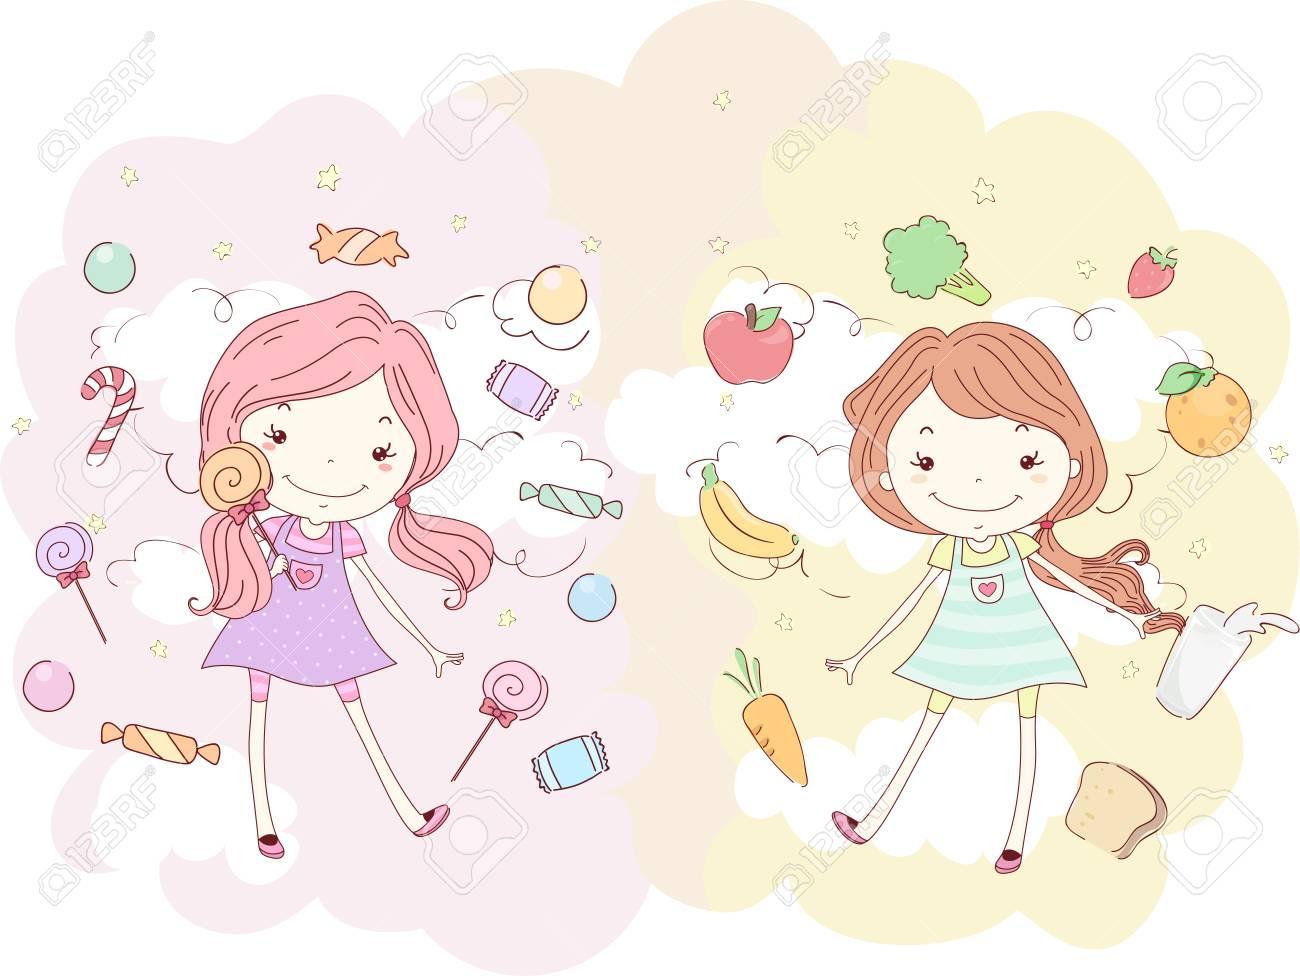 ピンクと別のお菓子に囲まれた女の子のイラストの女の子に囲まれて